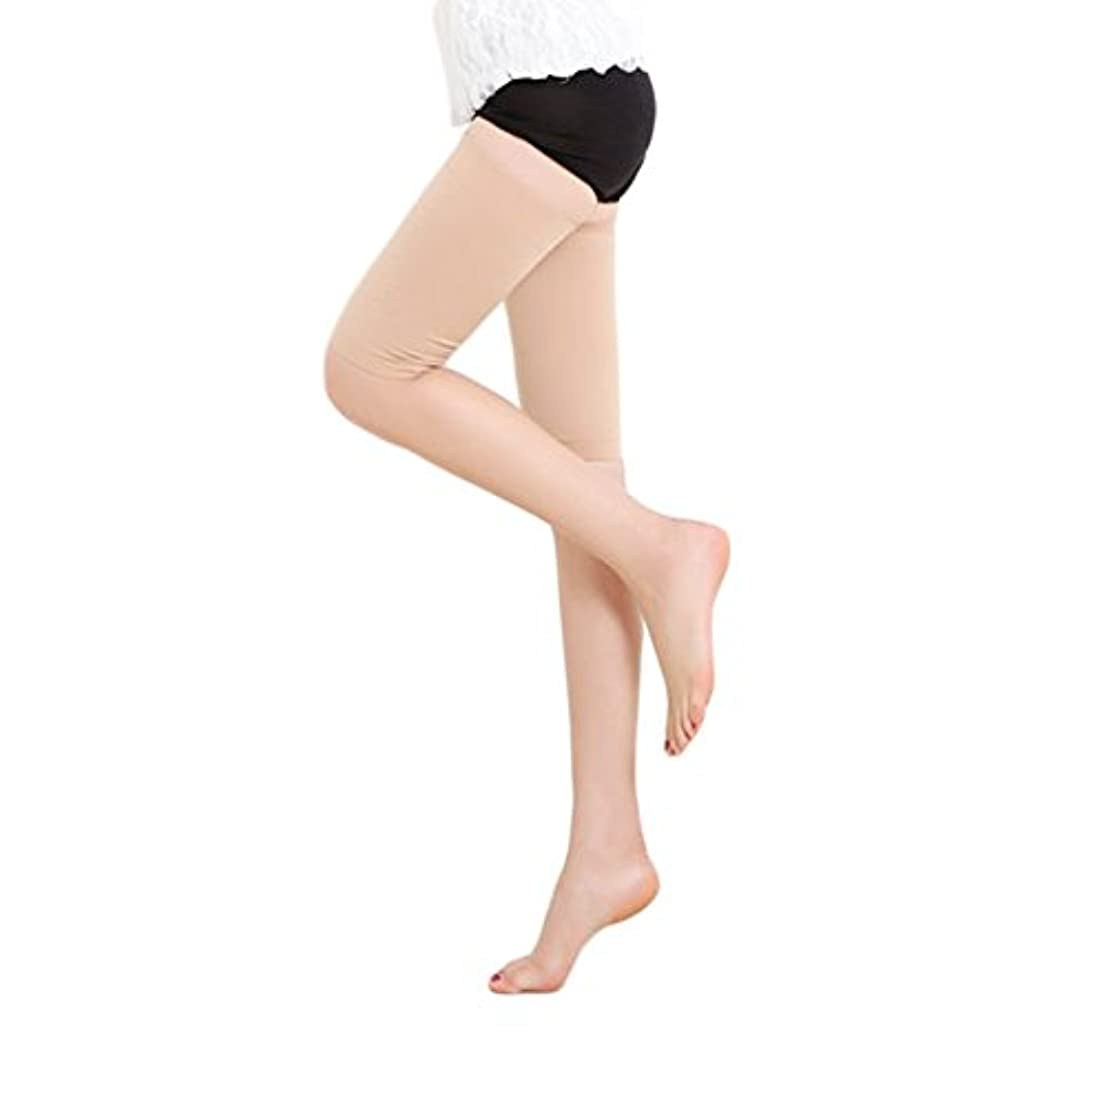 アンドリューハリディムスタチオずっとMEJORMEN 加圧 太ももサポーター 着圧ソックス 段階式圧力設計(30-40mmHg) 痩せ 筋肉質 美脚ケア 保温 通気性 太ももの疲れ?むくみ解消 1足 男女兼用 2色 M~XL